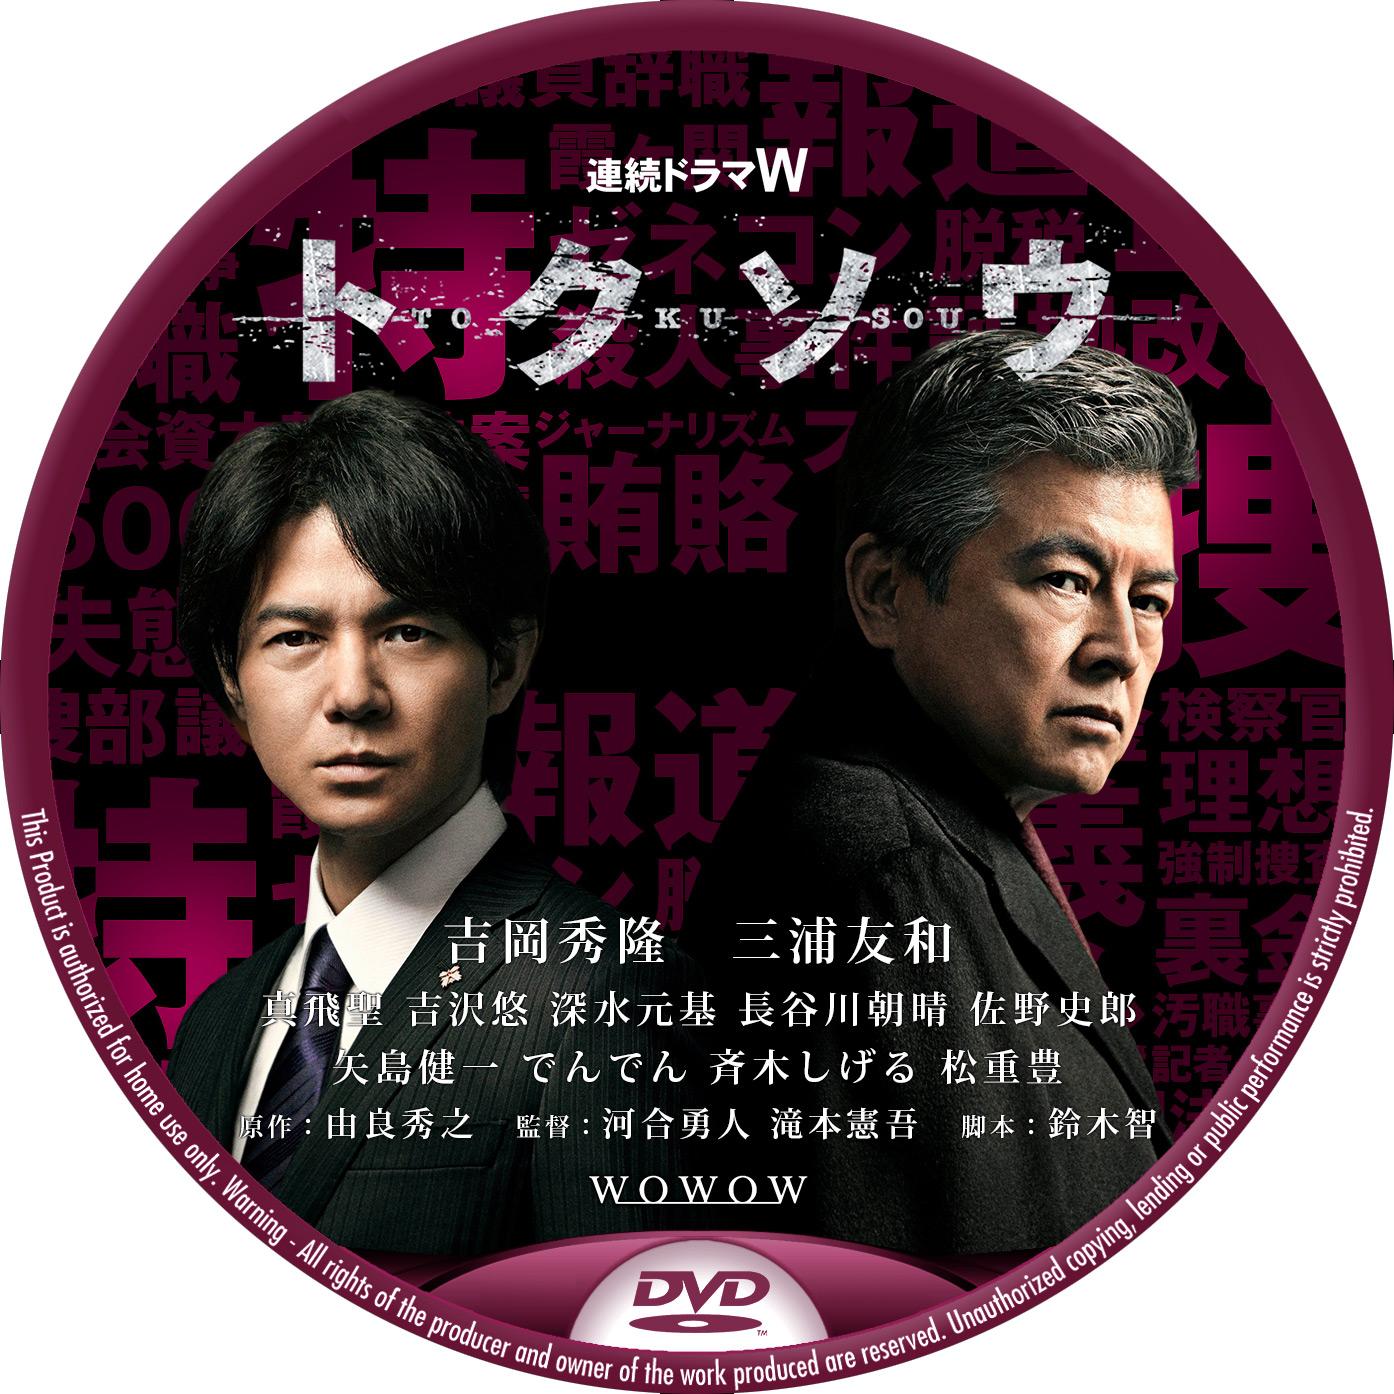 トクソウ WOWOW DVDラベル